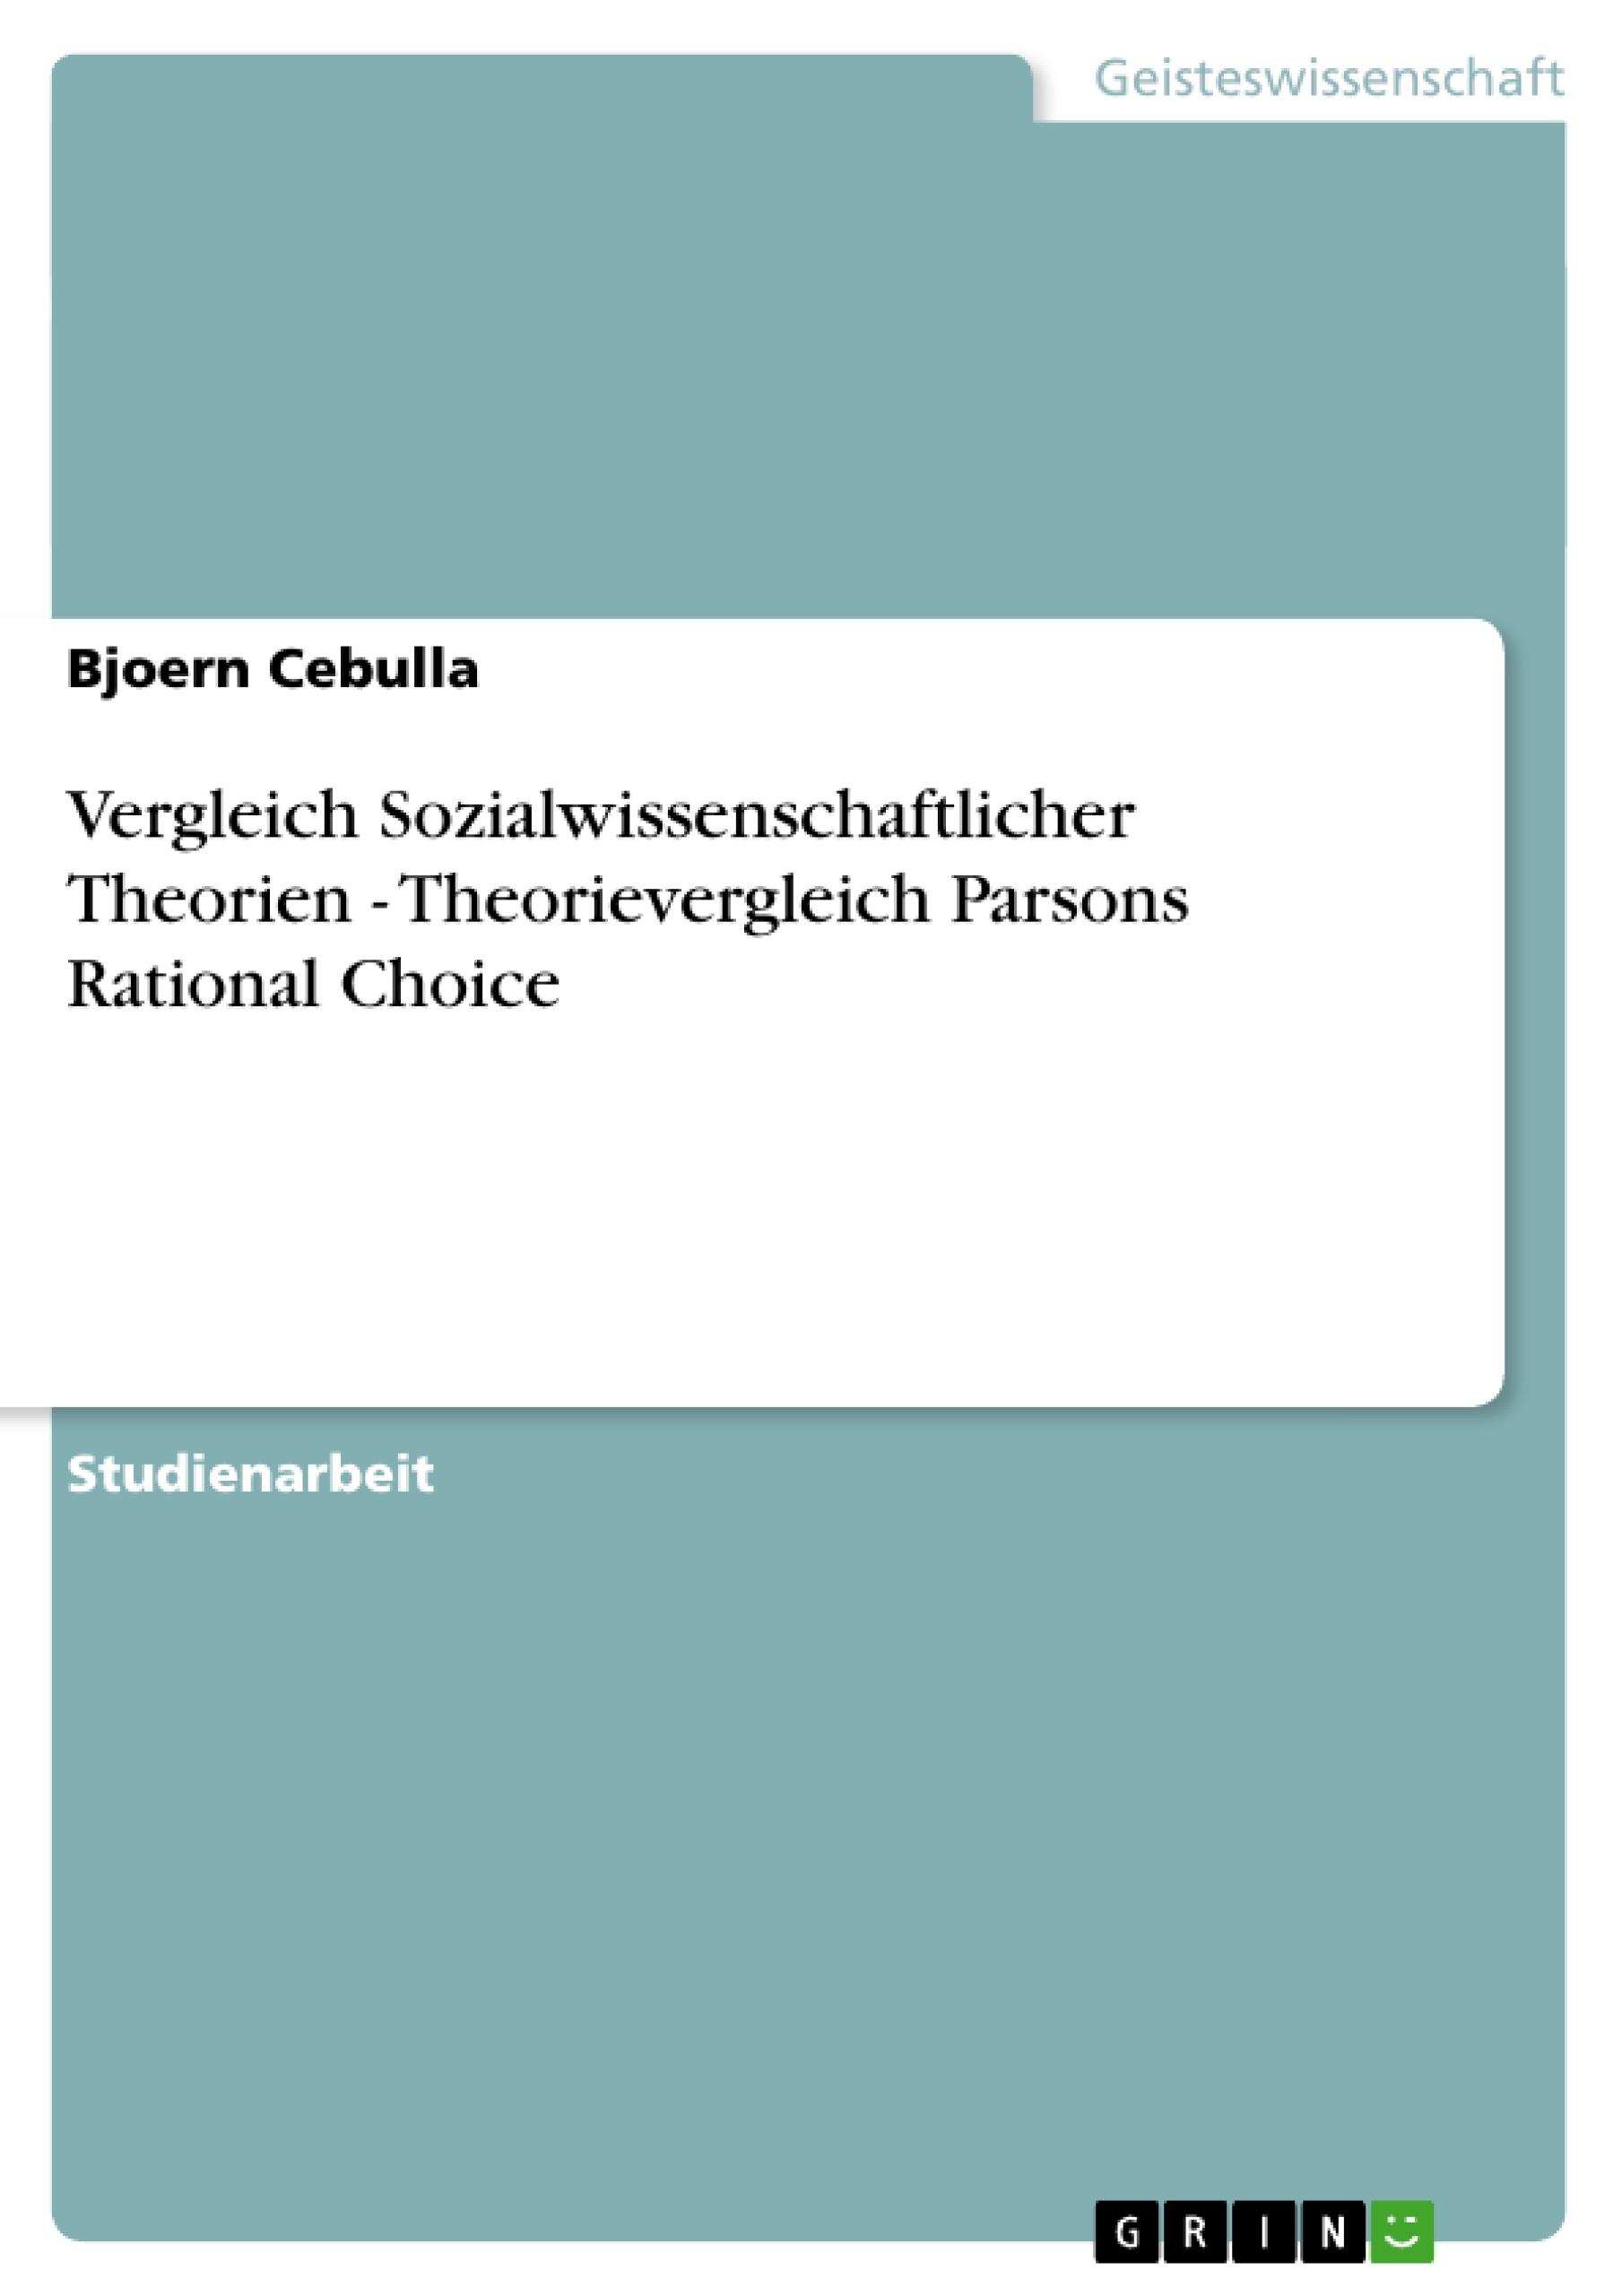 Titel: Vergleich Sozialwissenschaftlicher Theorien - Theorievergleich Parsons Rational Choice